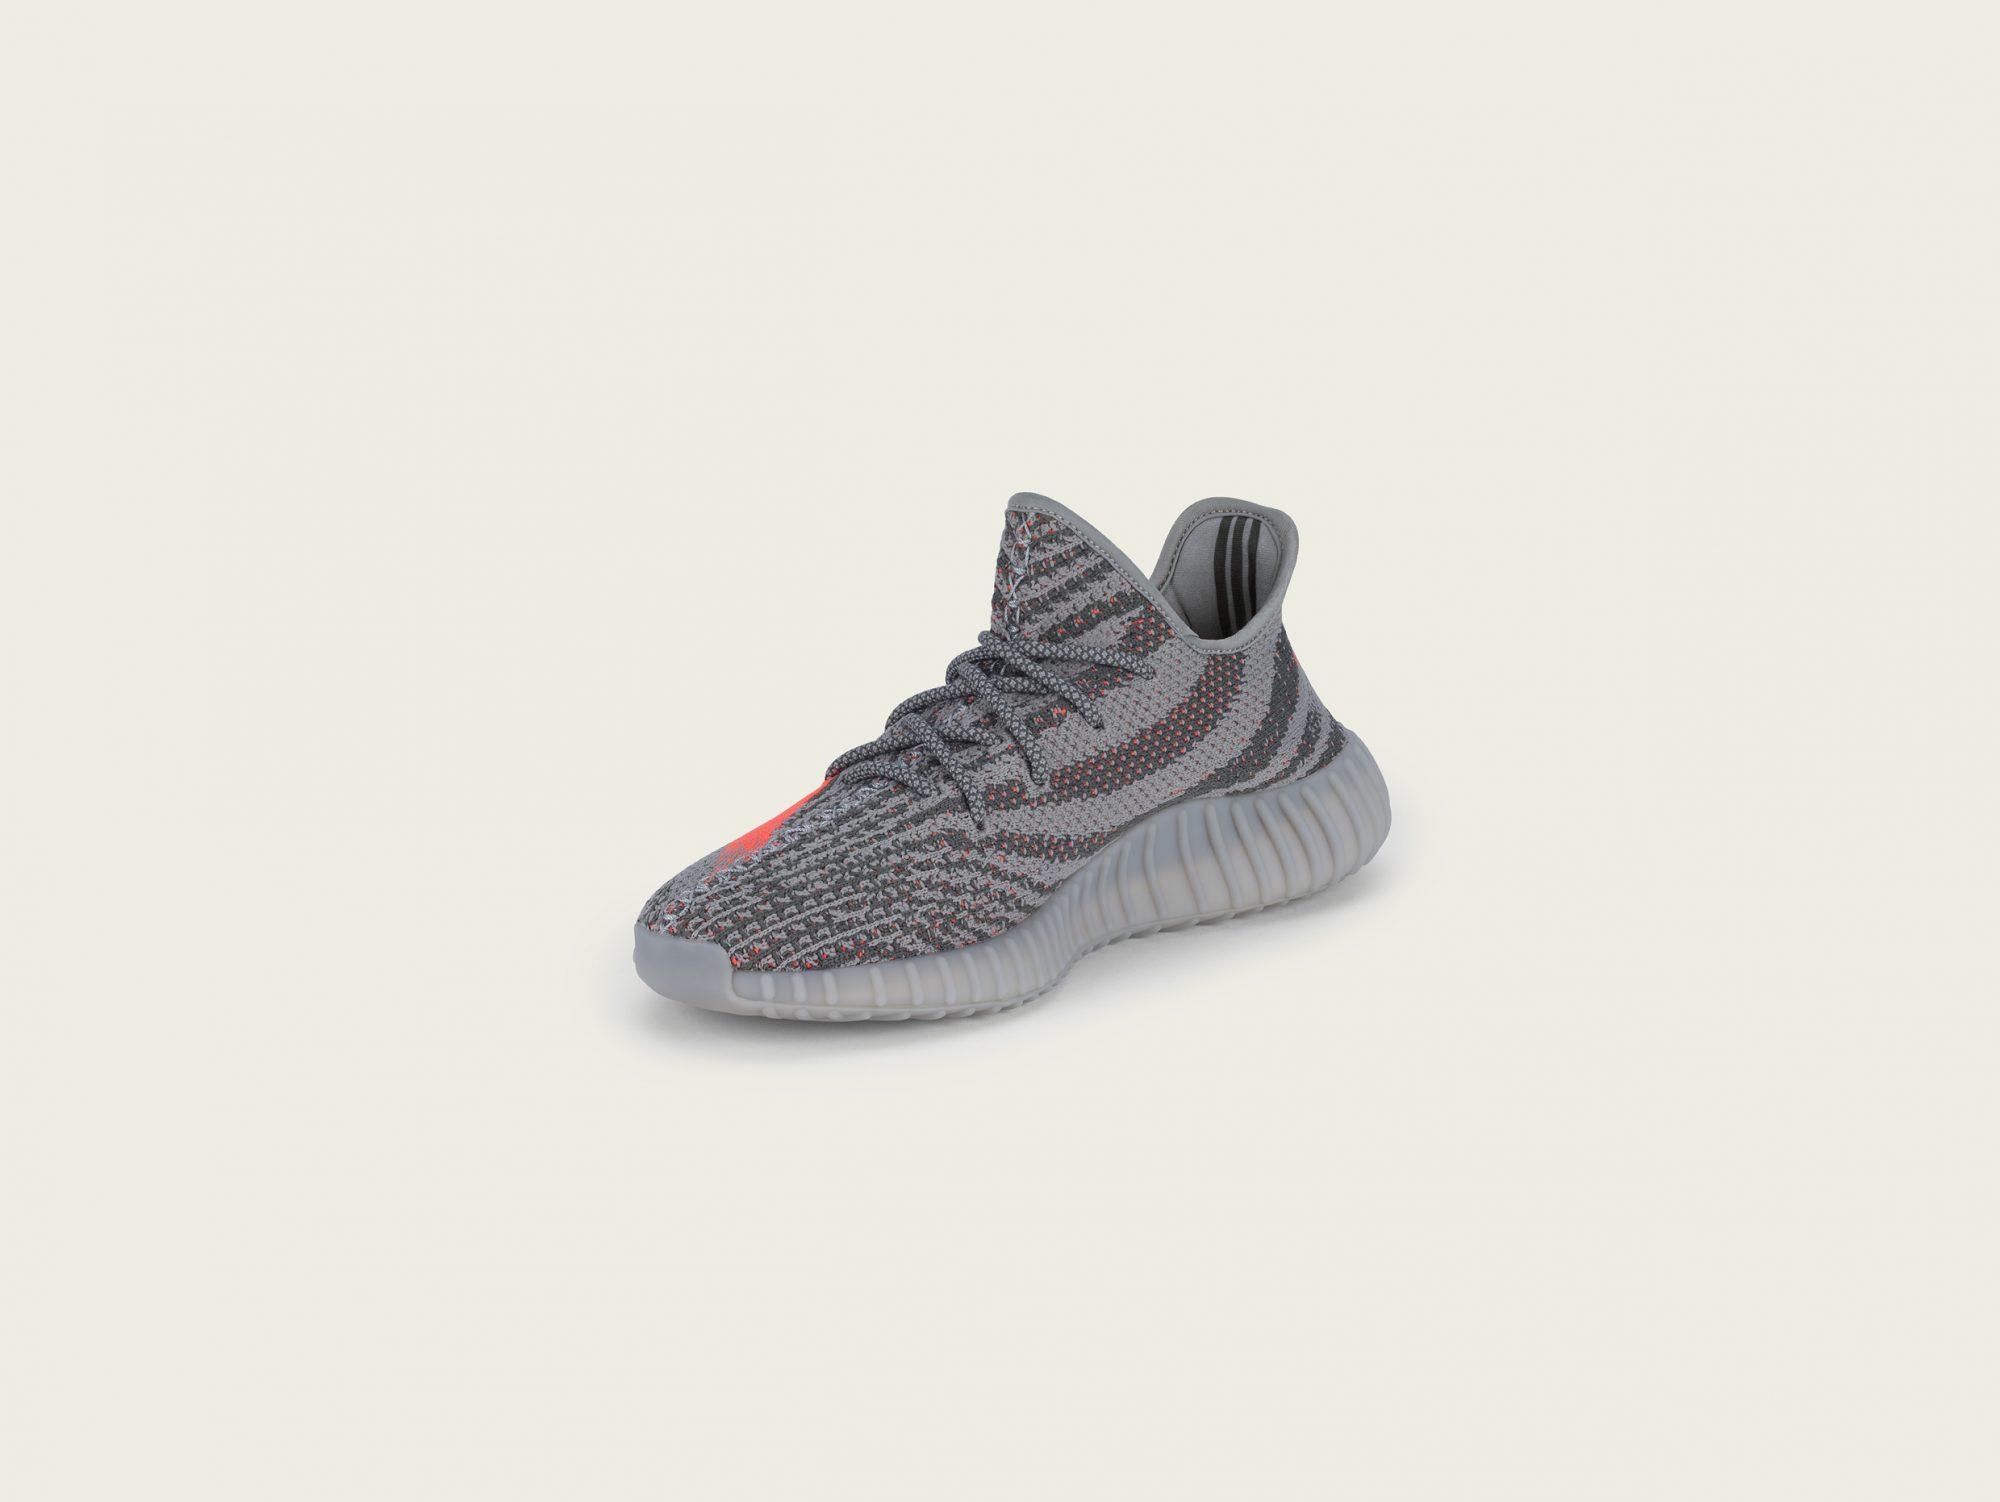 adidas-originals-by-kanye-west-yeezy-boost-350-v2_ntd8800%e7%94%b7%e5%a5%b3%e9%9e%8b%e6%ac%be-4